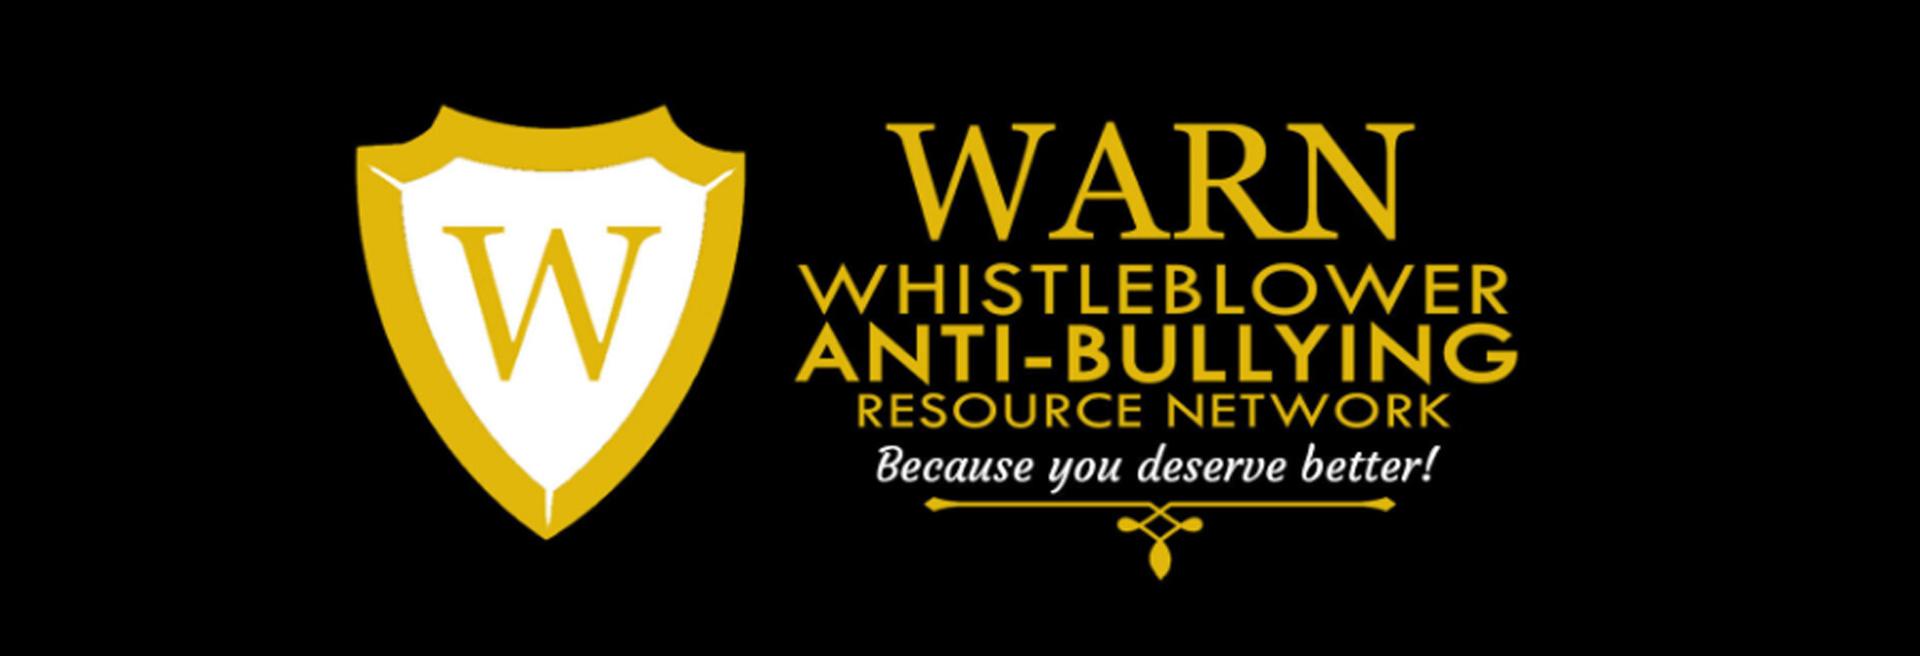 warn banner logo